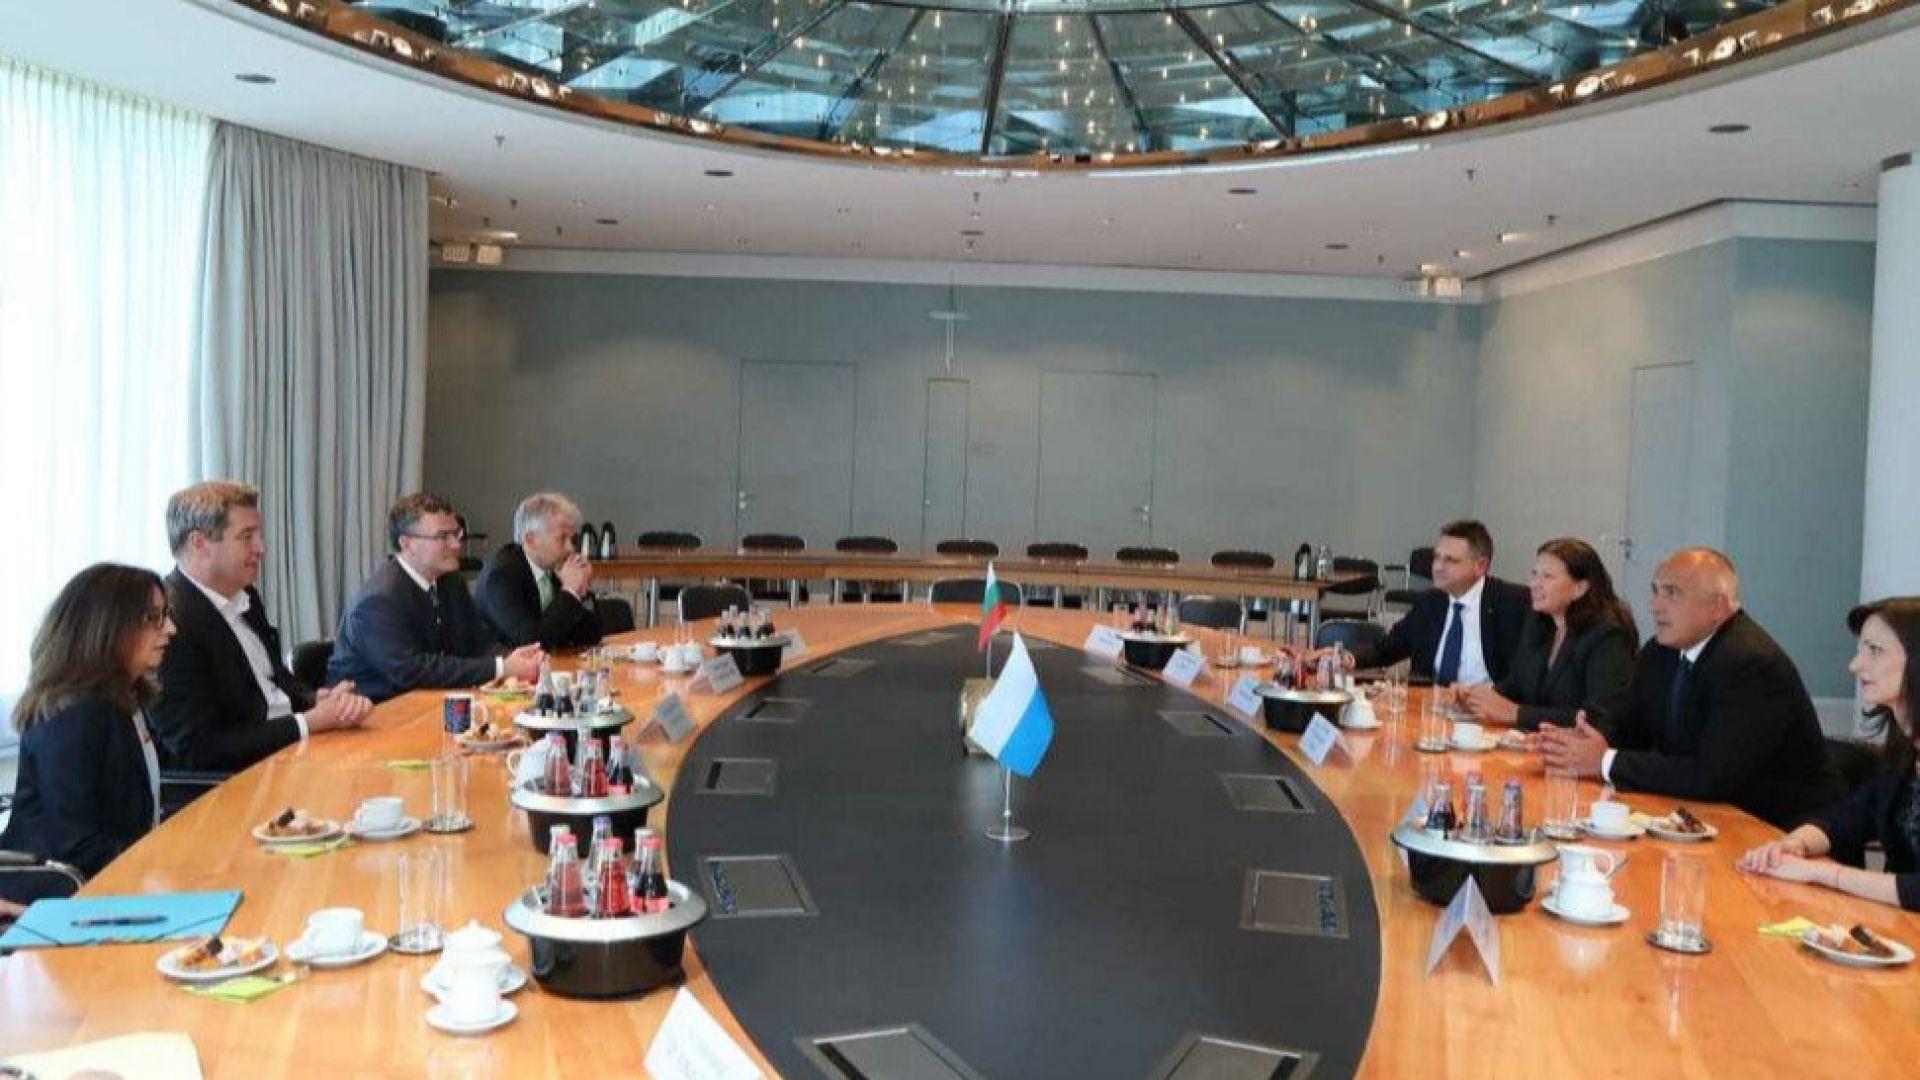 Борисов в Мюнхен: Отношения между България и Германия са отлични (снимки)